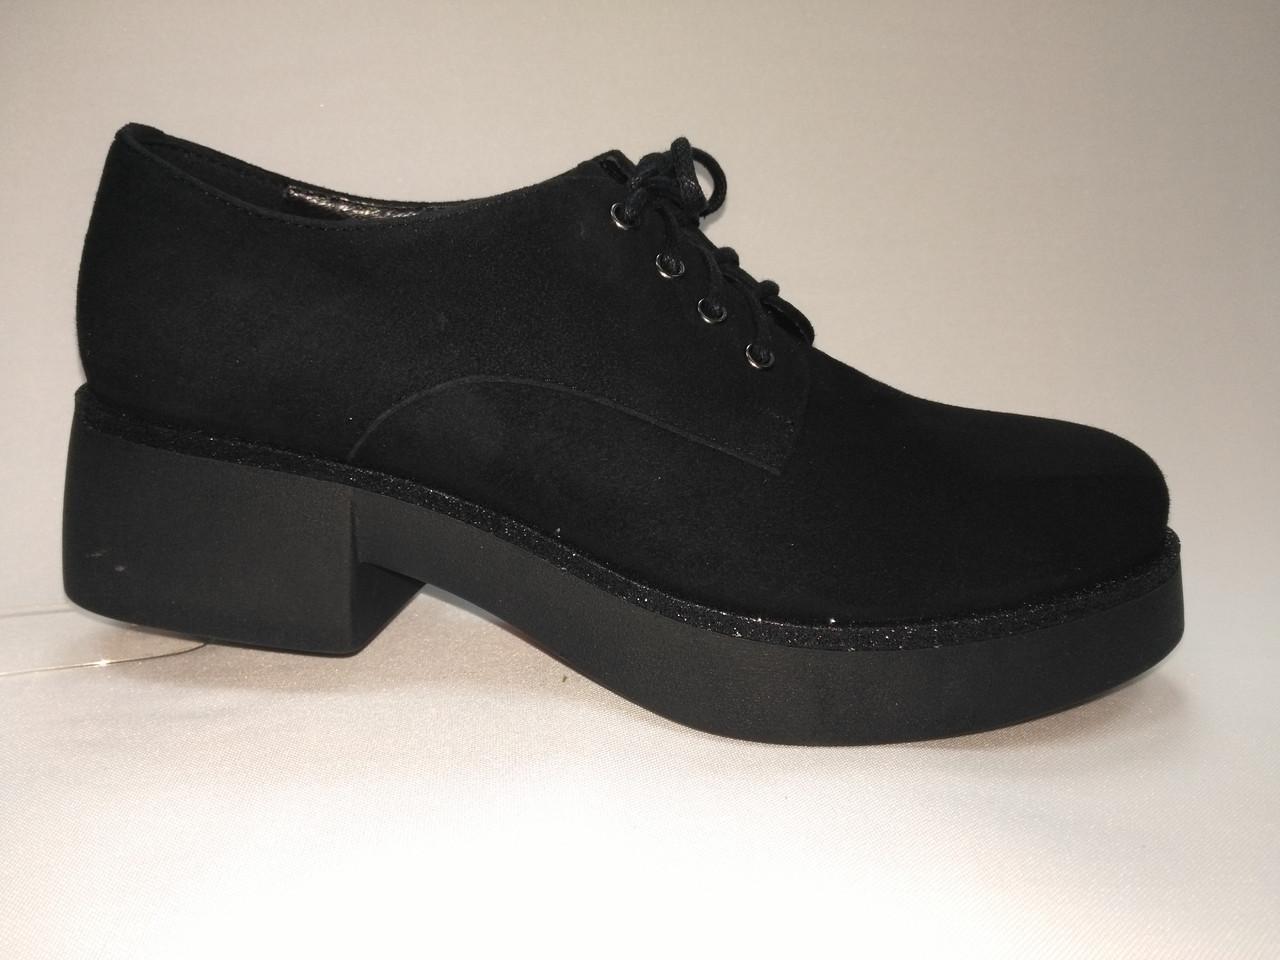 Чорні замшеві туфлі на підборах і платформі зі шнурками.Польща.